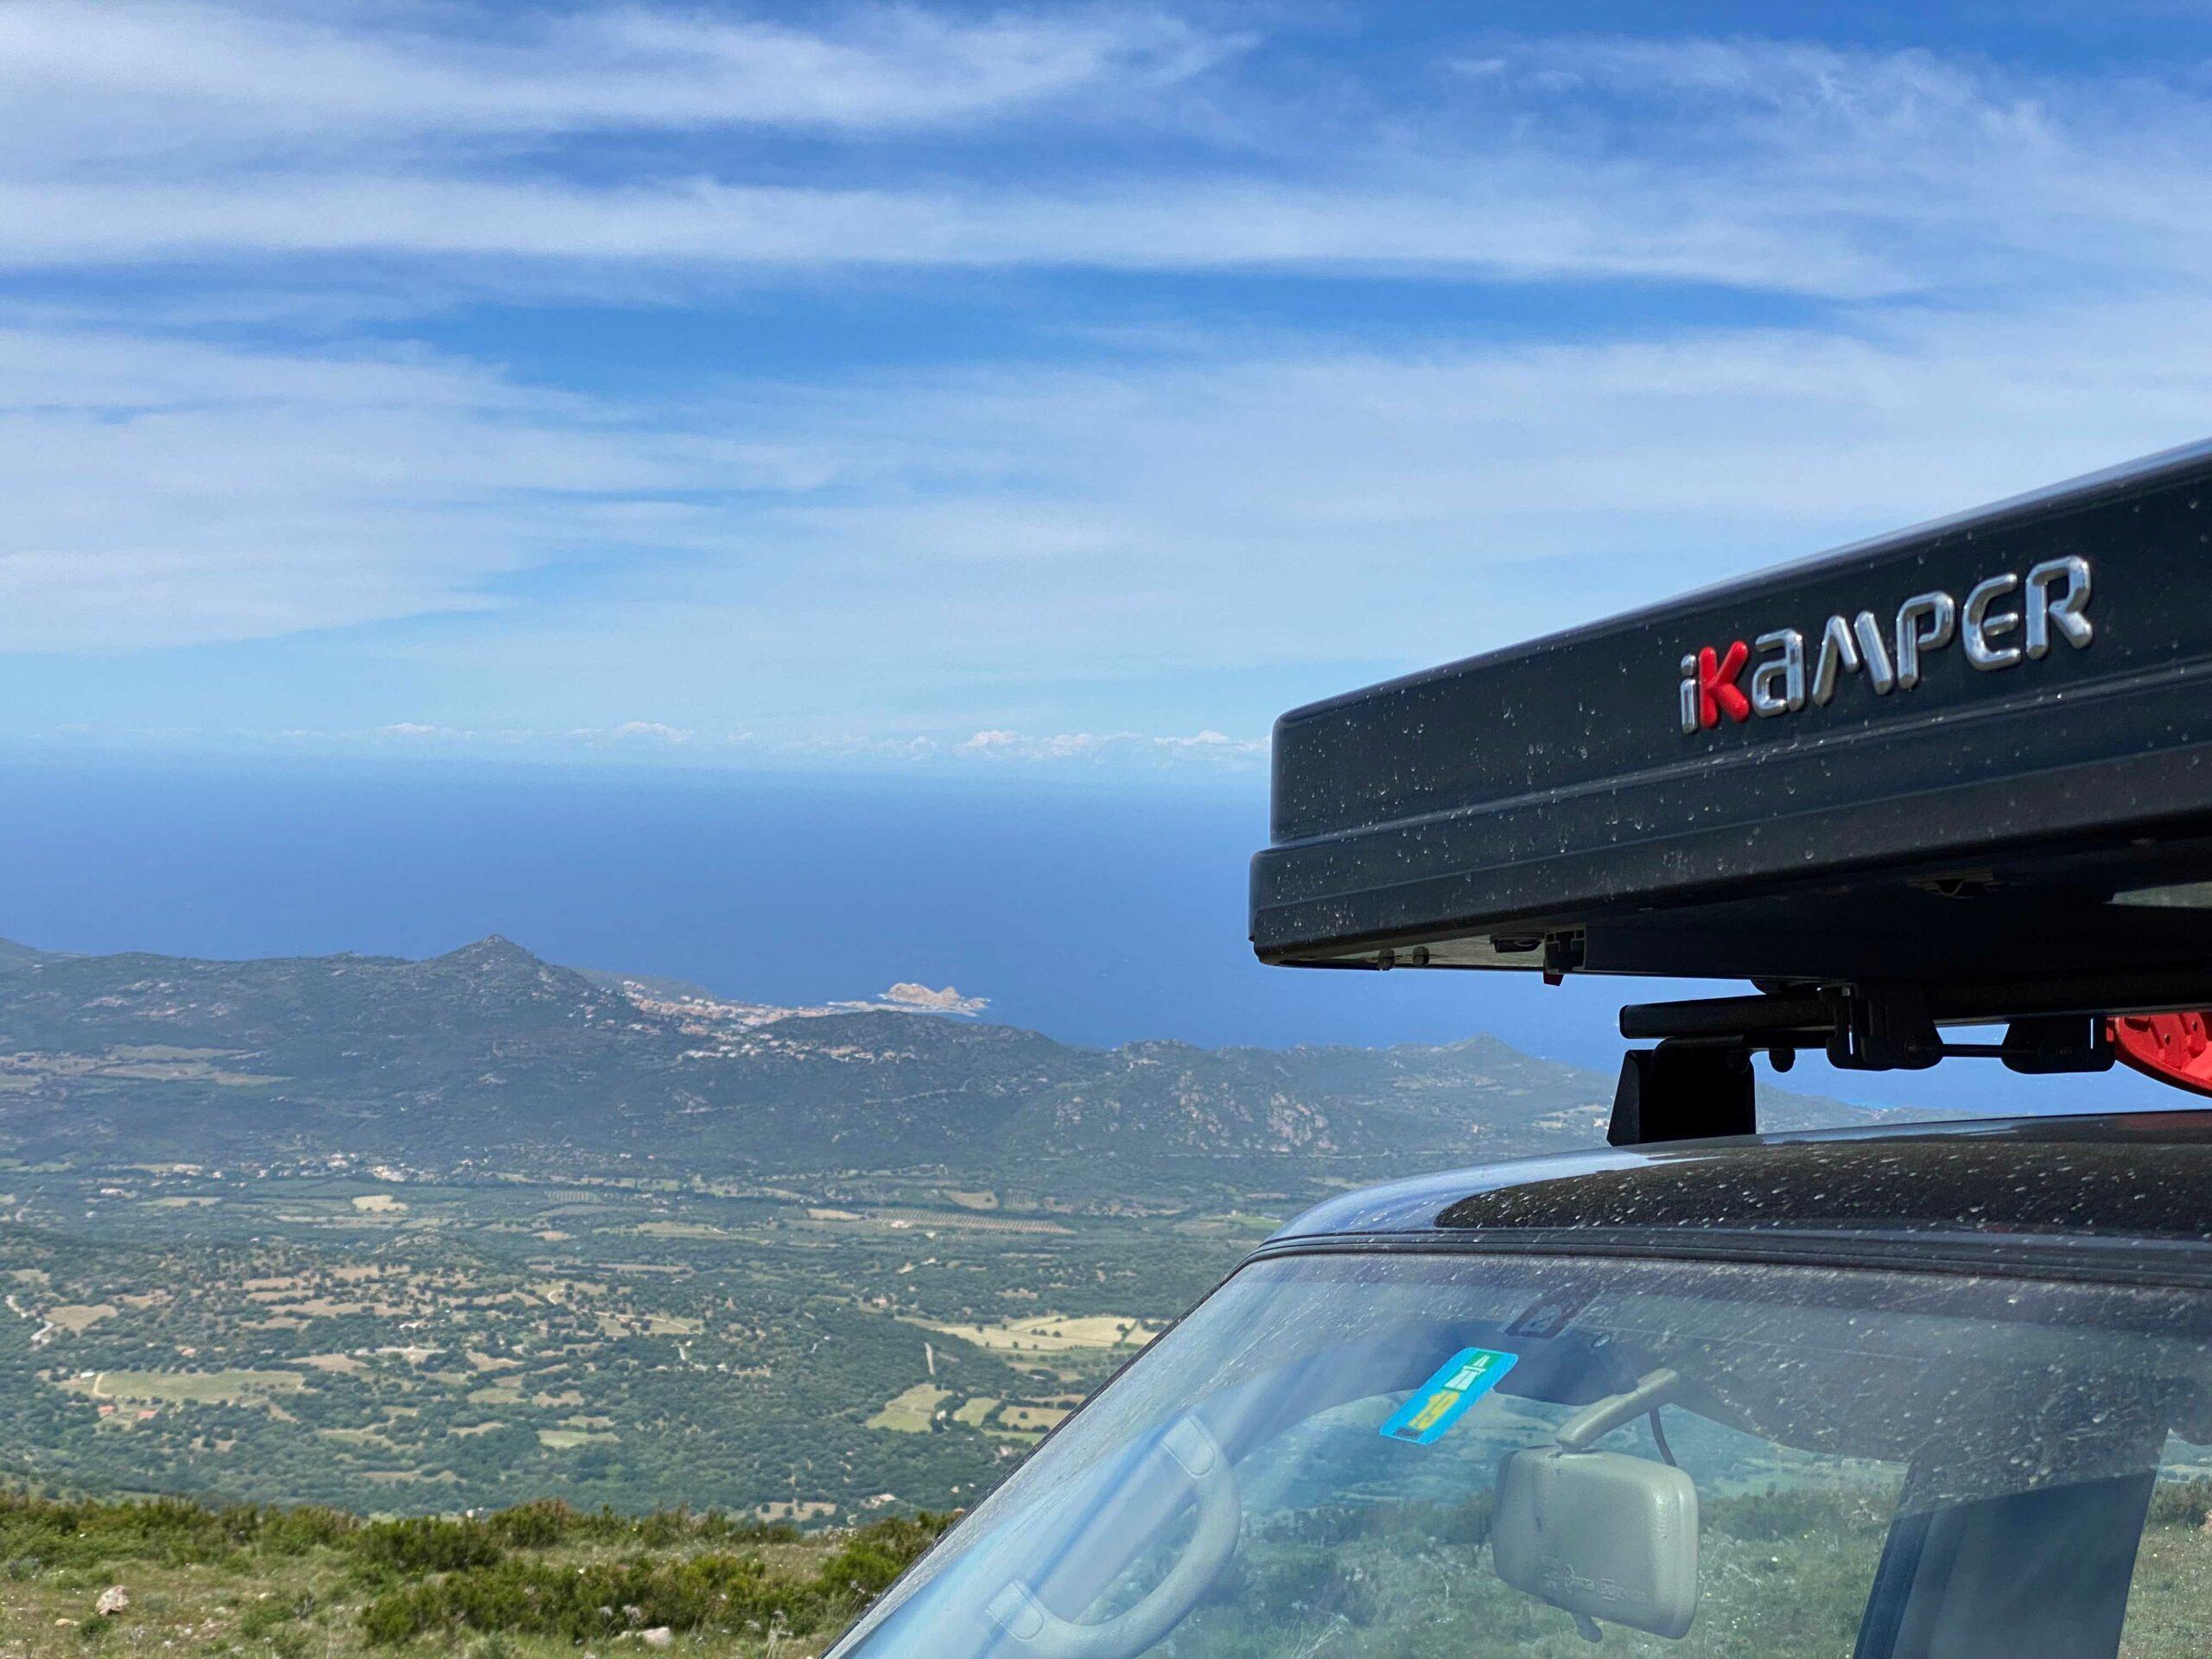 gebrauchtes Dachzelt: iKamper Skycamp 2.0 für 4 Personen